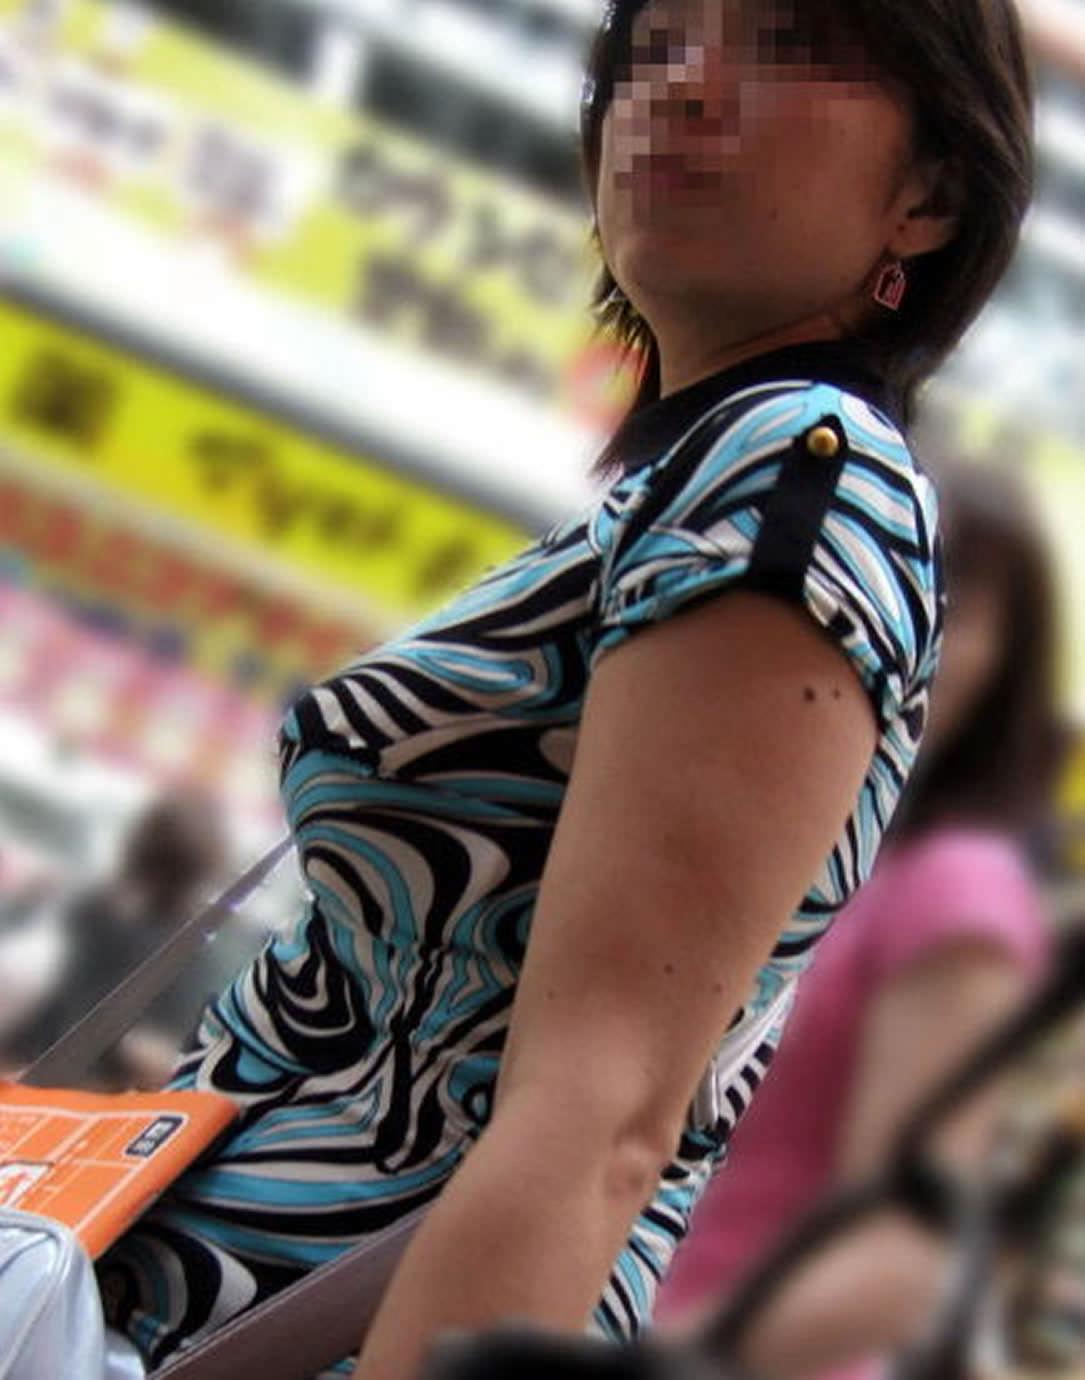 服がはち切れそうなおっぱいの巨乳素人お姉さんを街撮りだぁーwww 2832